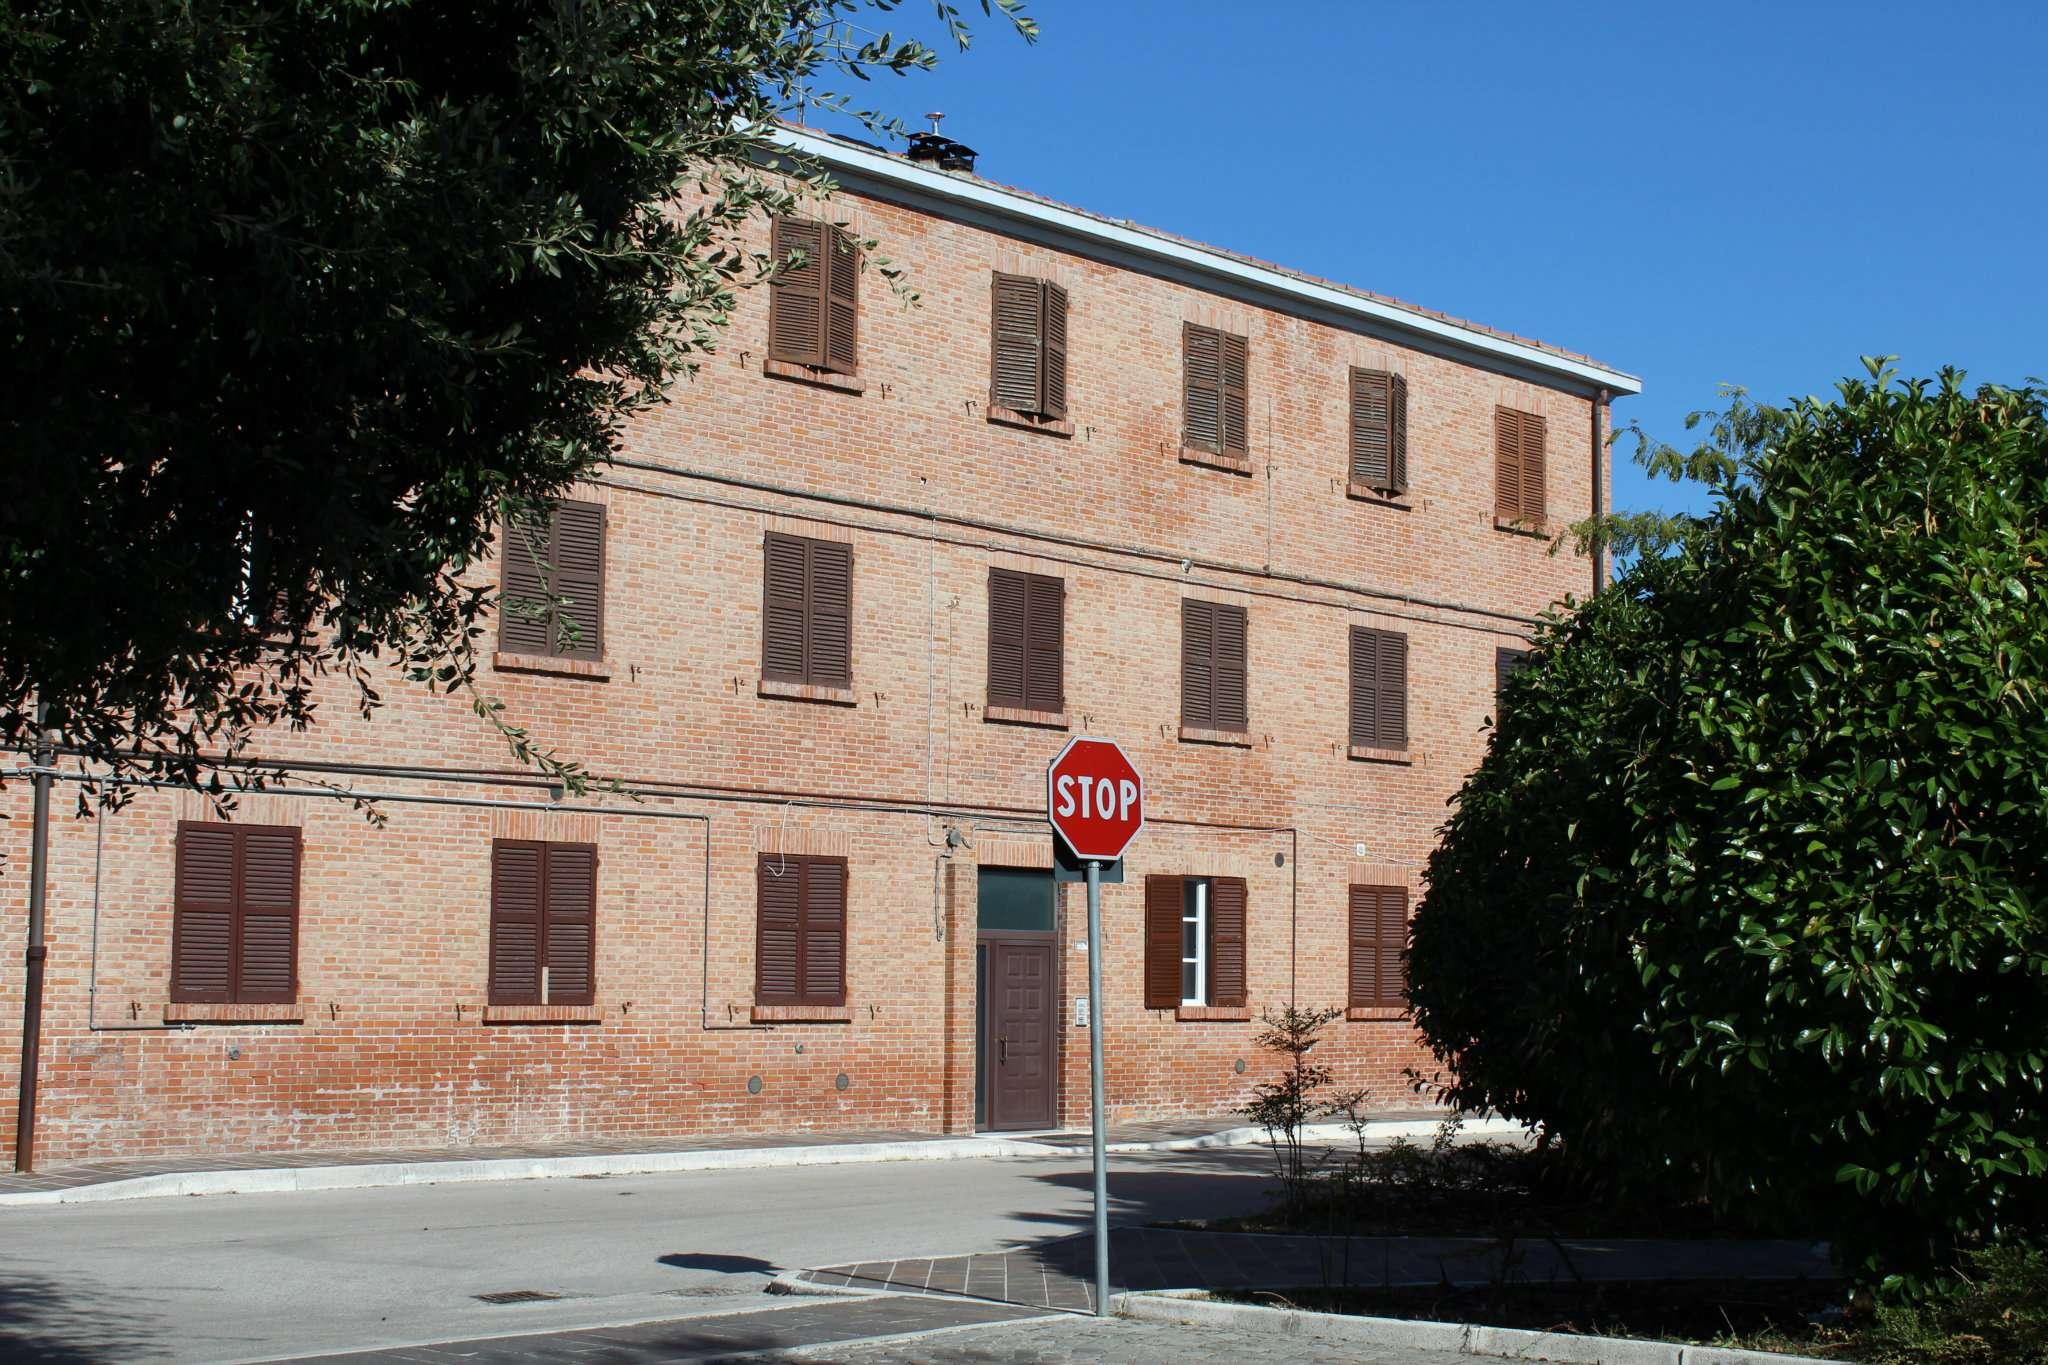 Appartamento in vendita a Tavullia, 5 locali, prezzo € 69.000 | Cambio Casa.it